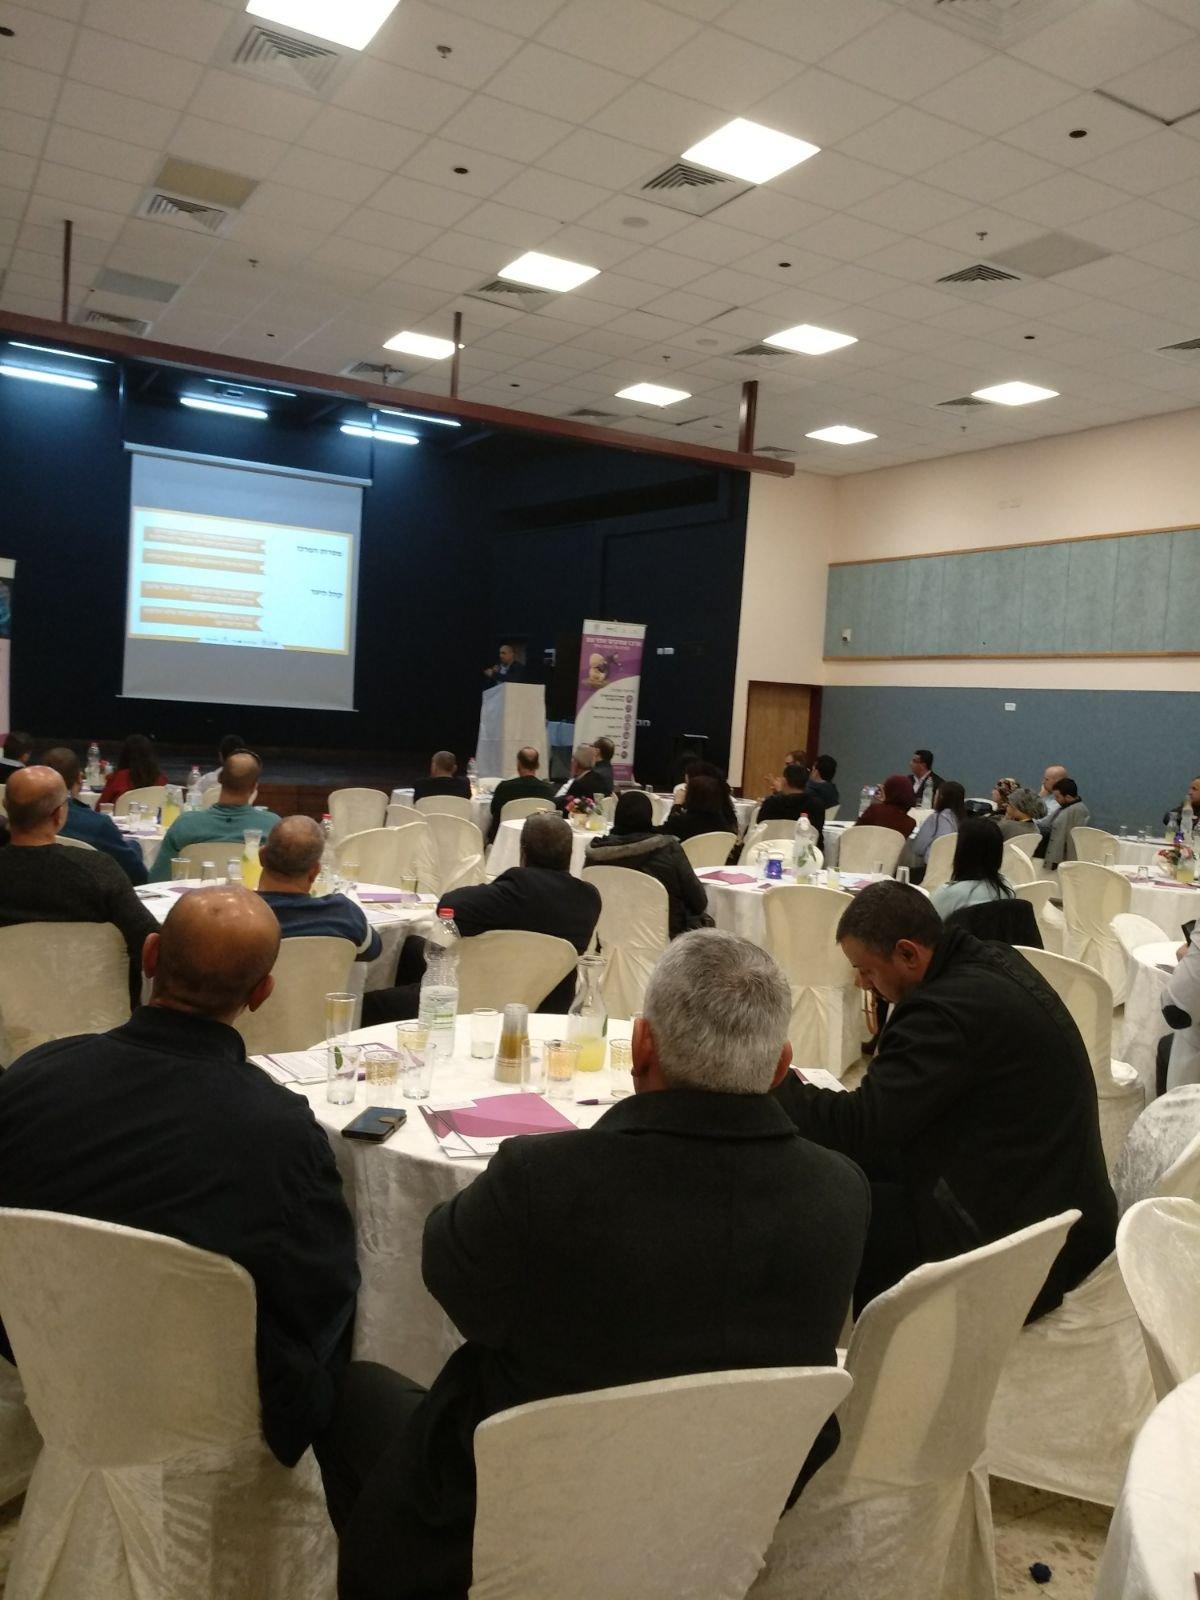 انعقاد مؤتمر المال والأعمال في طمرة بمبادرة وكالة المصالح التجاريّة الصغيرة والمتوسطة